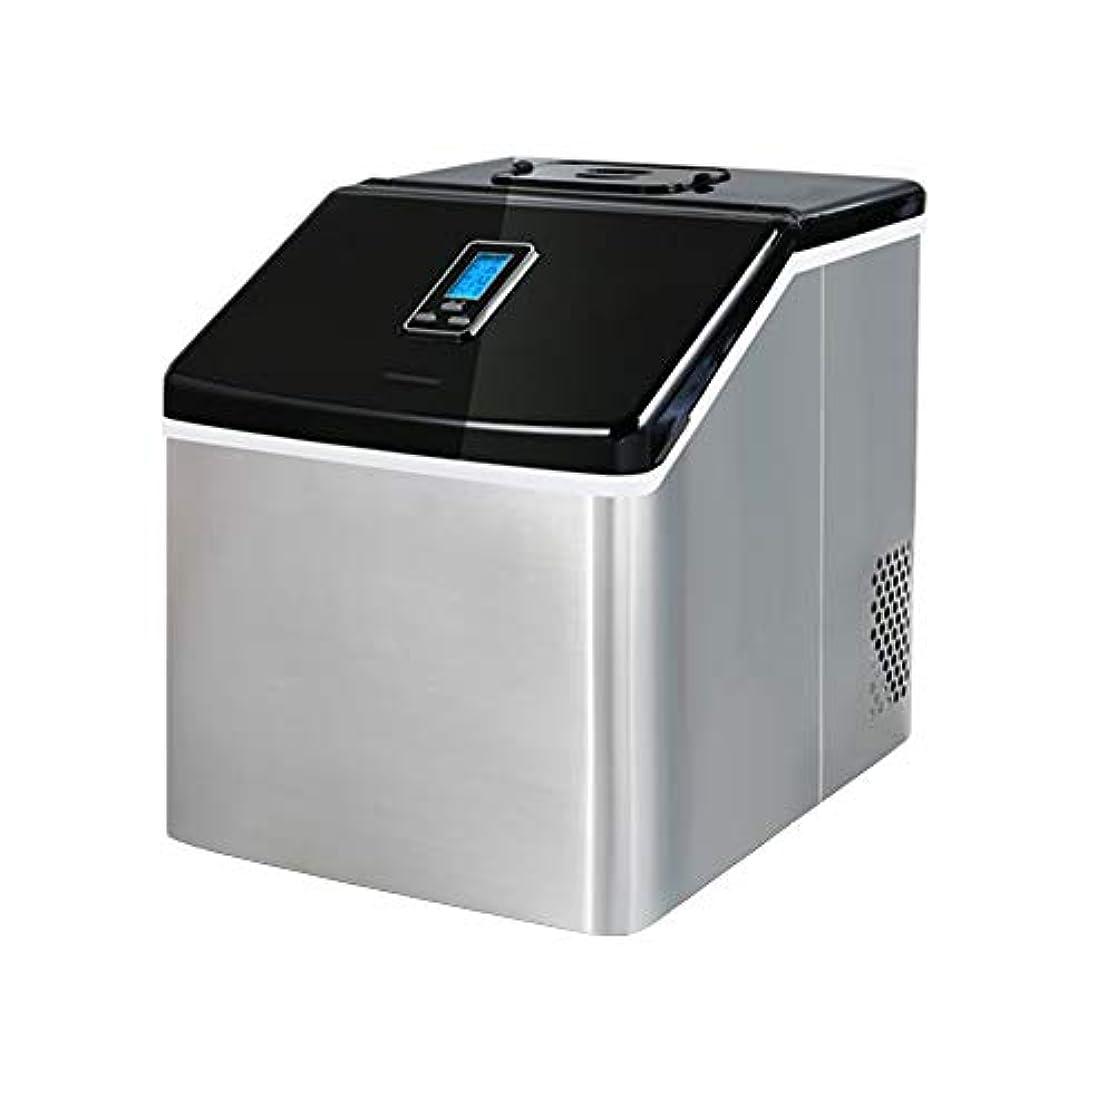 等価幸運なことに役に立たないXyanzi 自動製氷機 カウンタートップ製氷機、手動商業喫茶店バーホームバーデスクトップ小型アイスキューブ製氷機24アイスキューブ12?20分で準備ができている毎日55ポンド